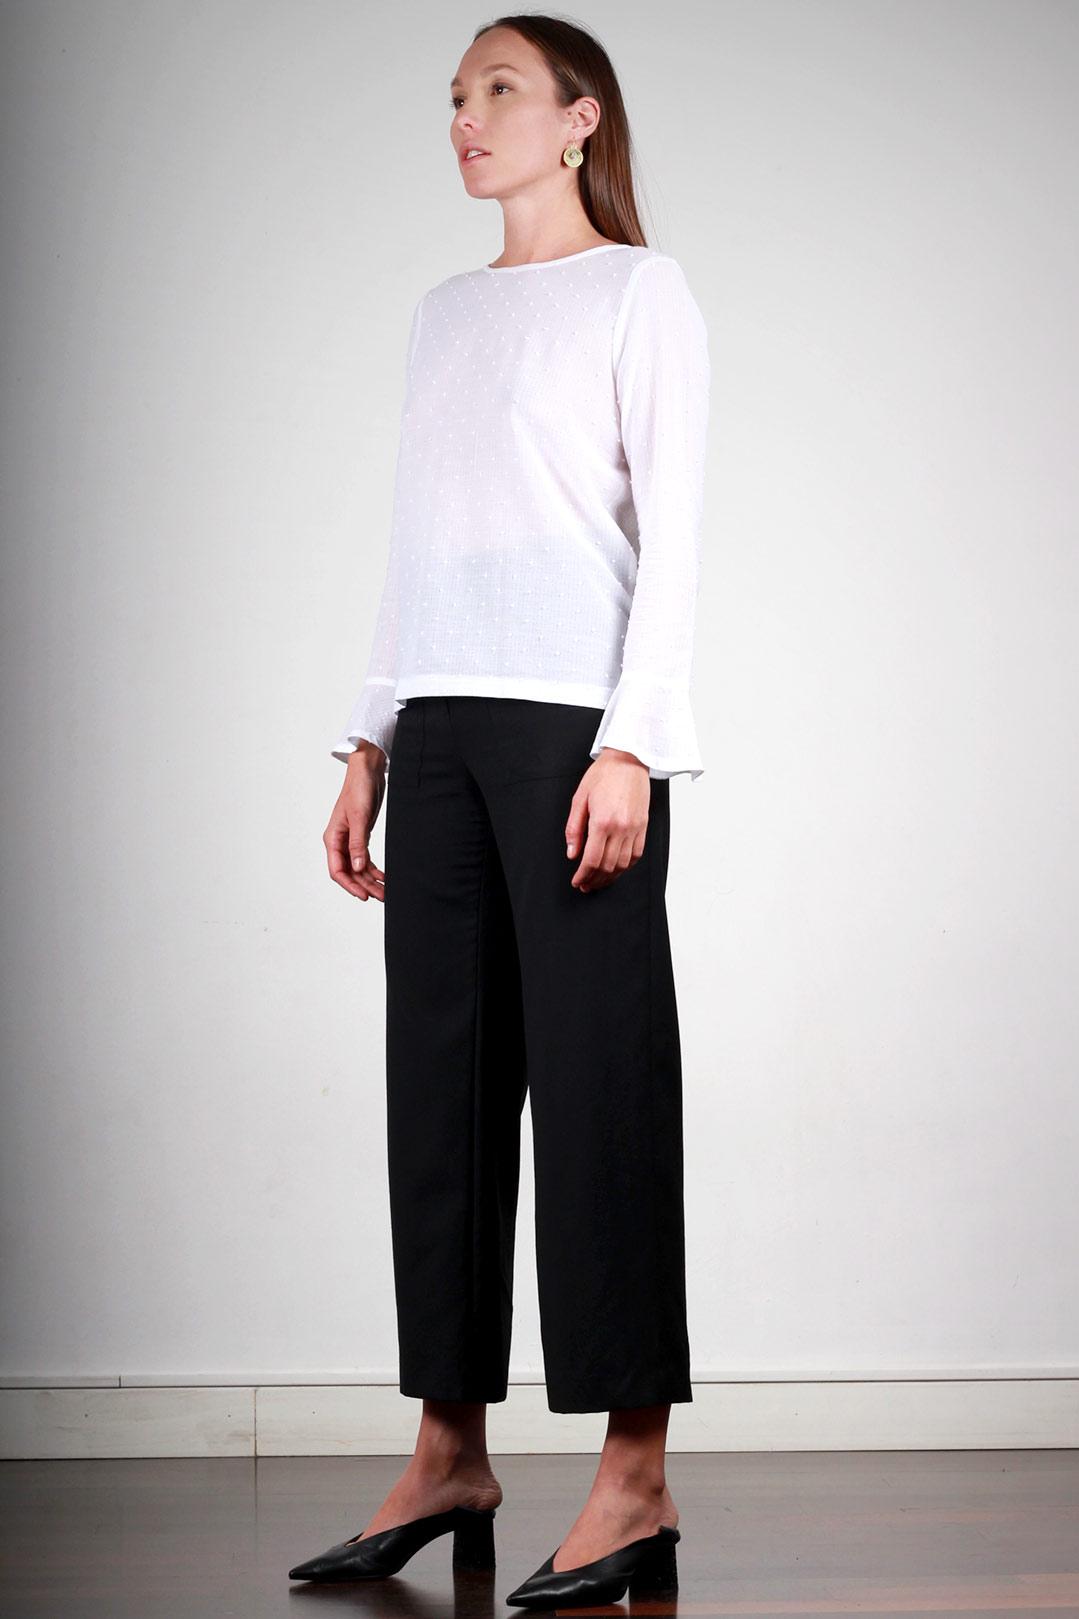 Pantalon Large Femme Taille Haute Noir En Laine Marie Atode